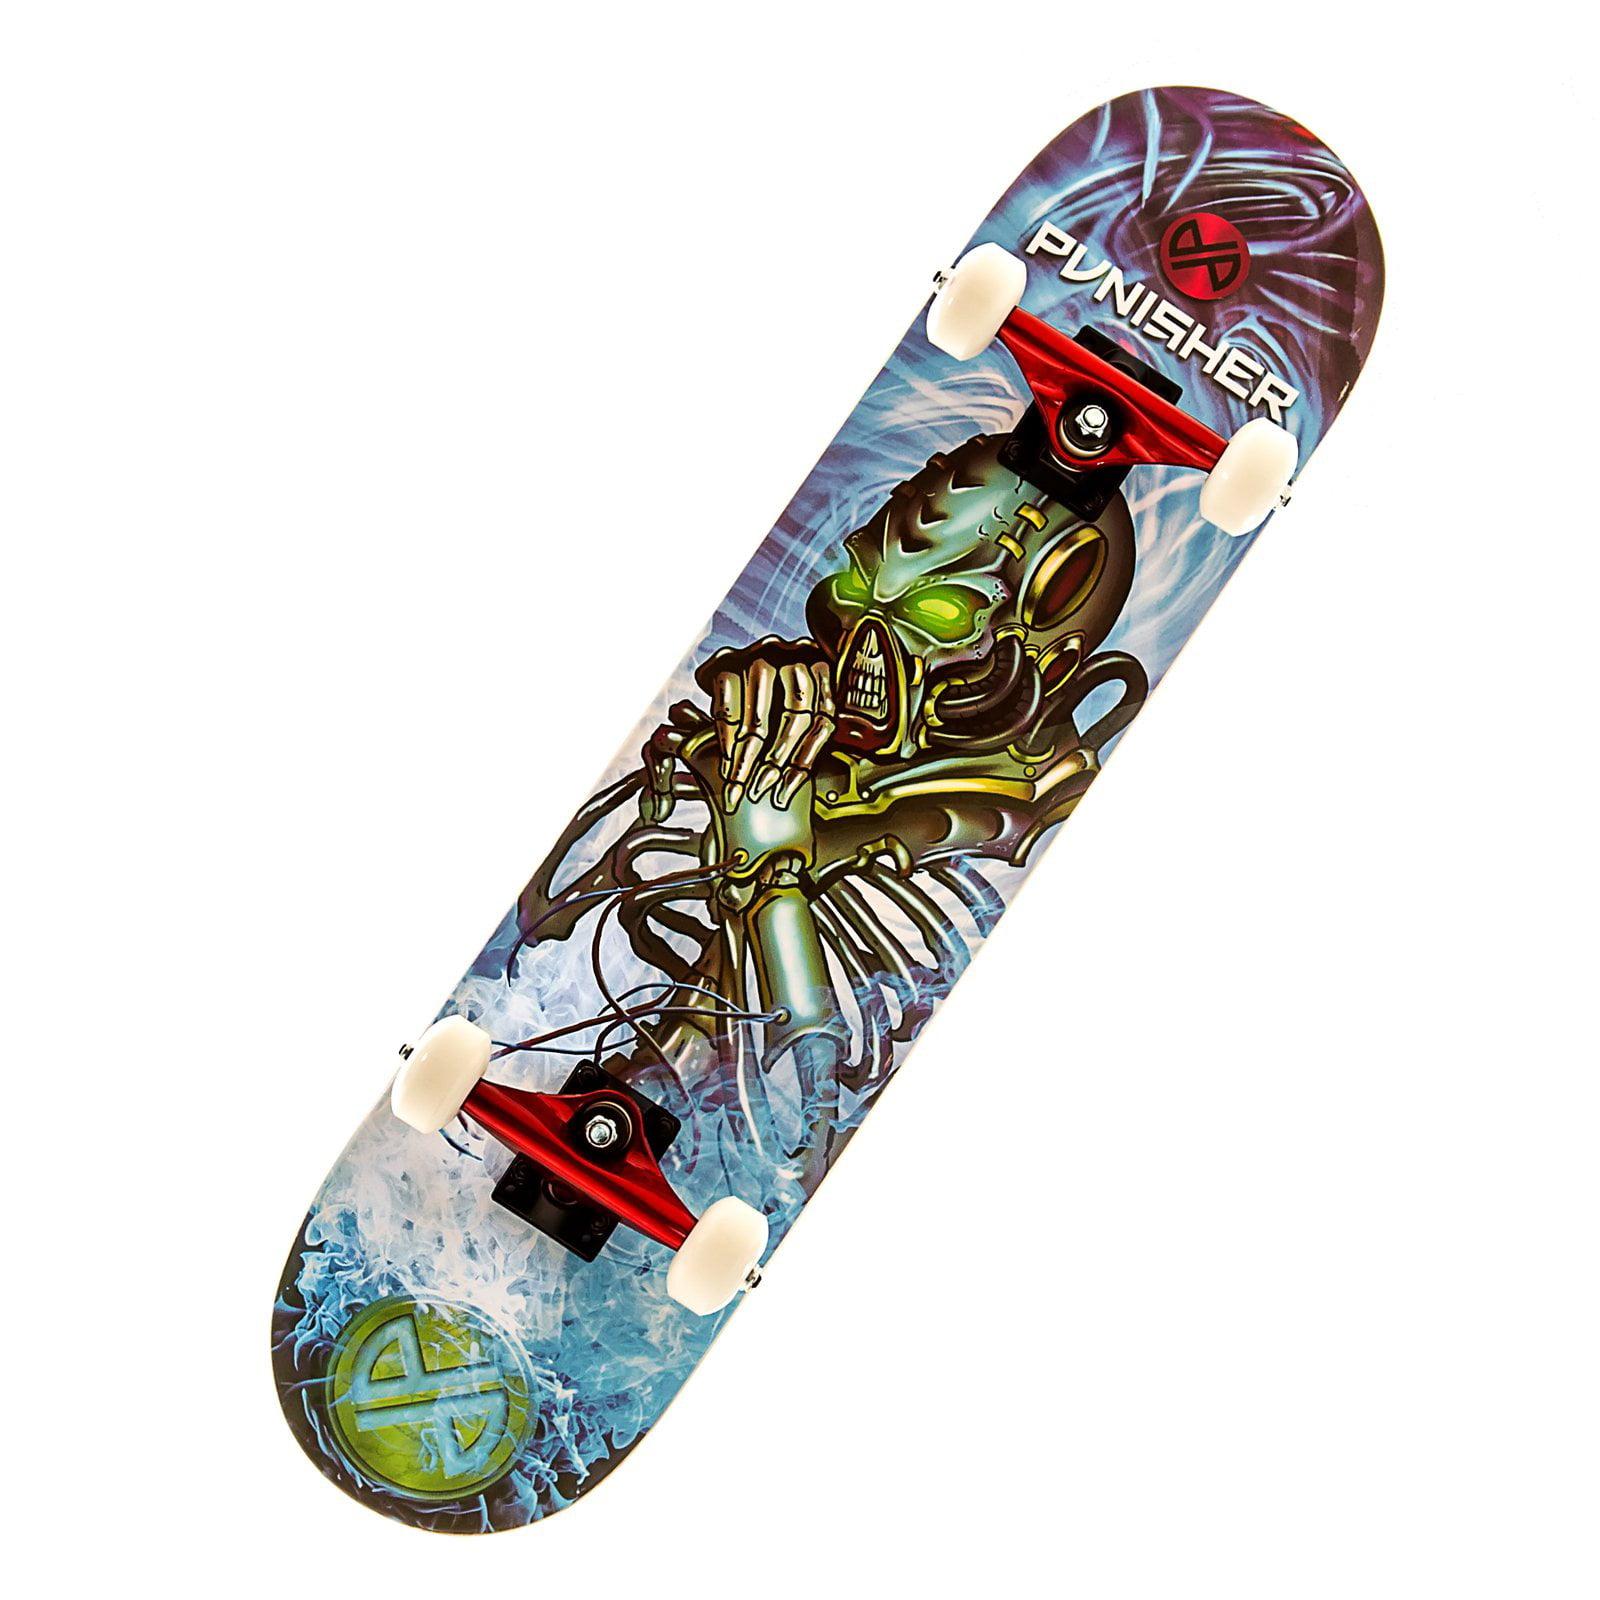 """Punisher Skateboards Alien Rage 31.5"""" ABEC-7 Complete Skateboard by Punisher Skateboards"""